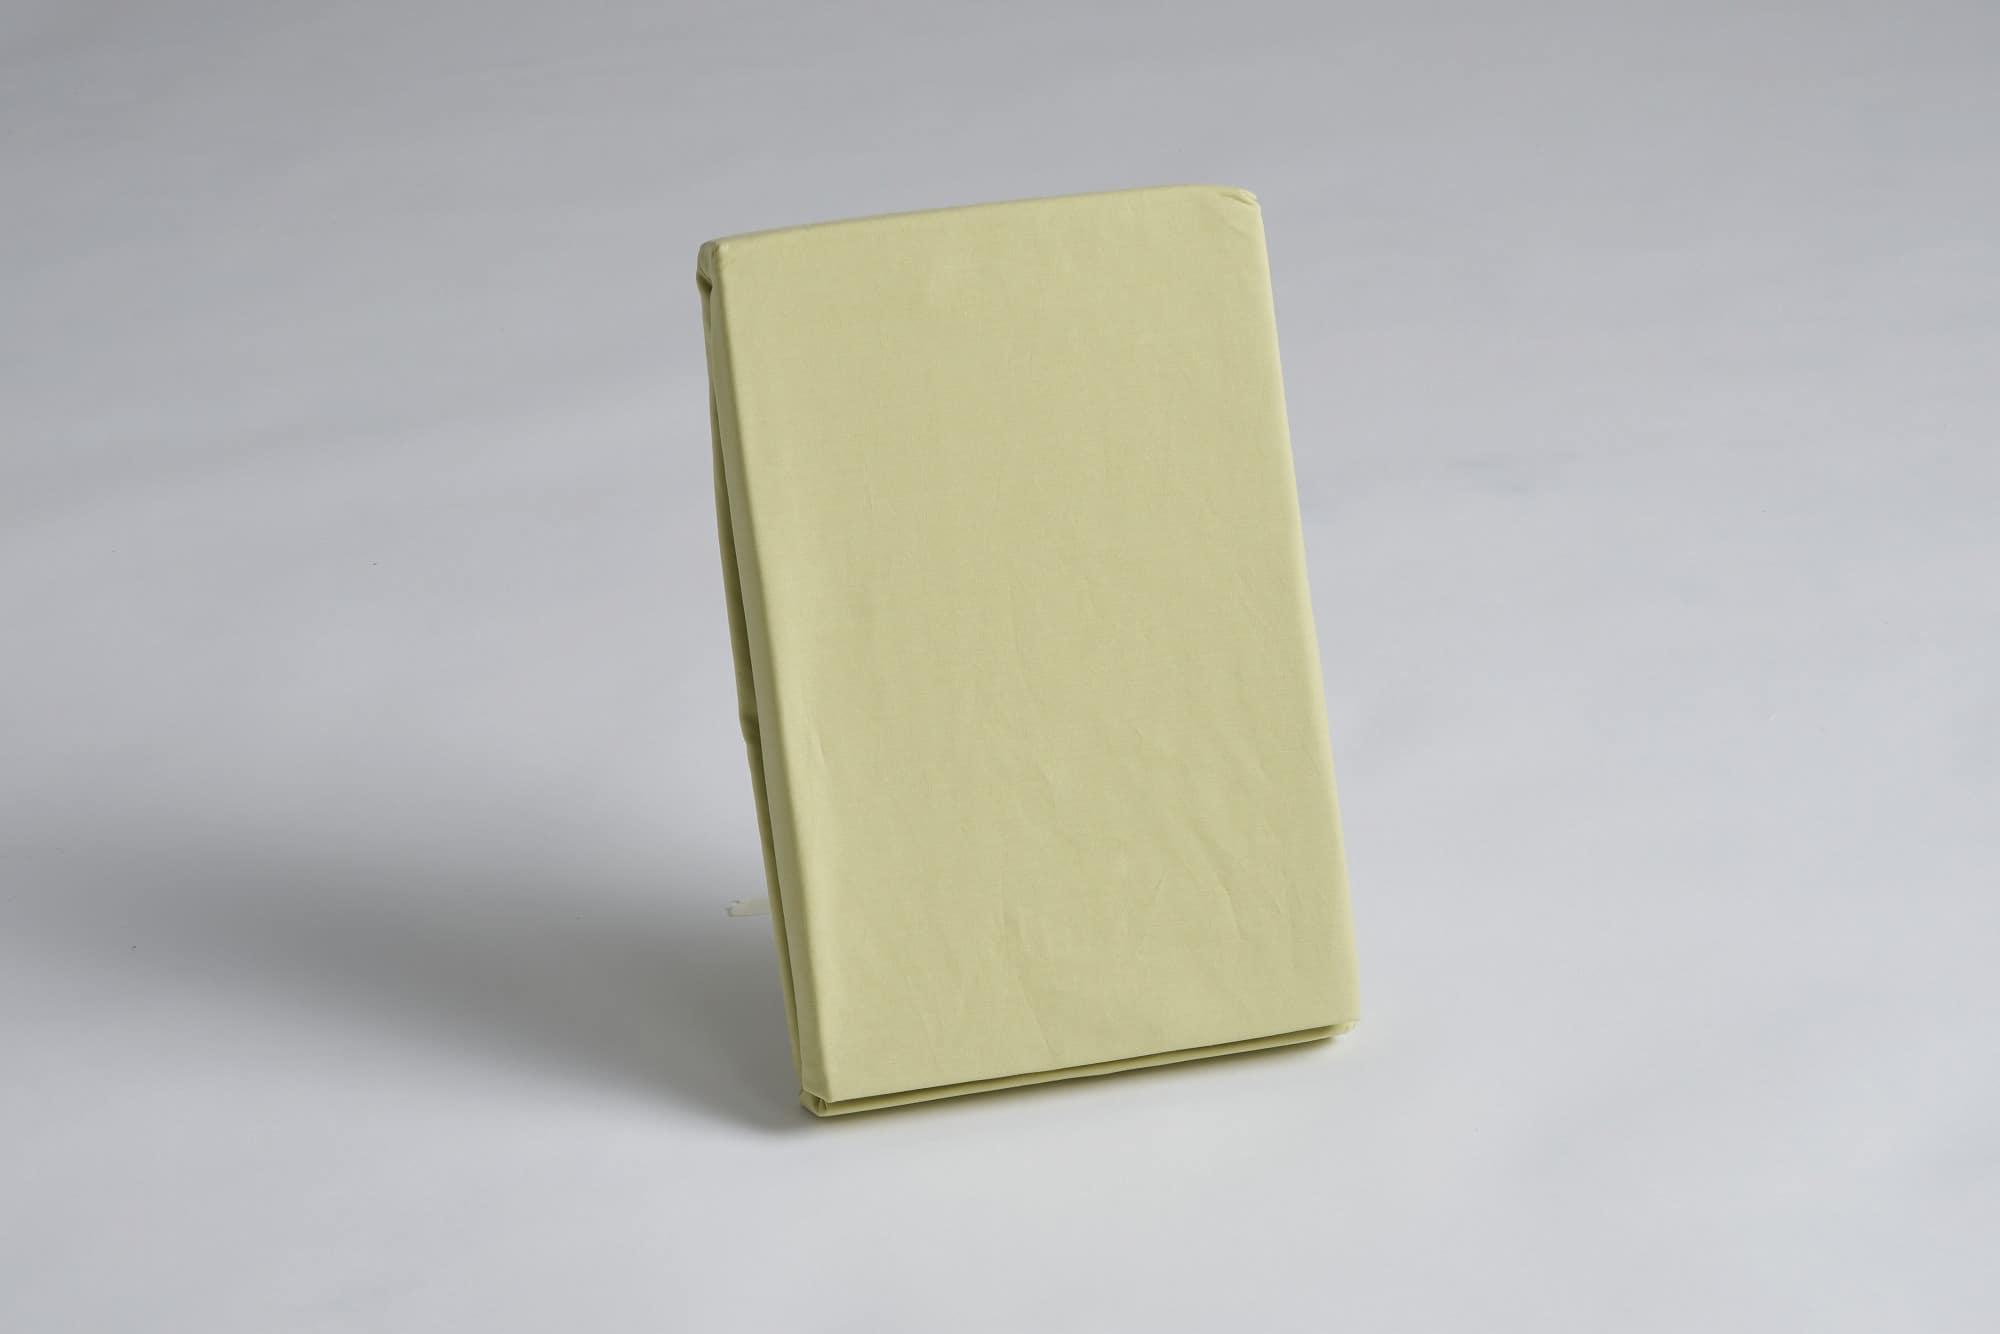 ボックスシーツ ダブル用 36H グリーン:《綿100%を使用したボックスシーツ》